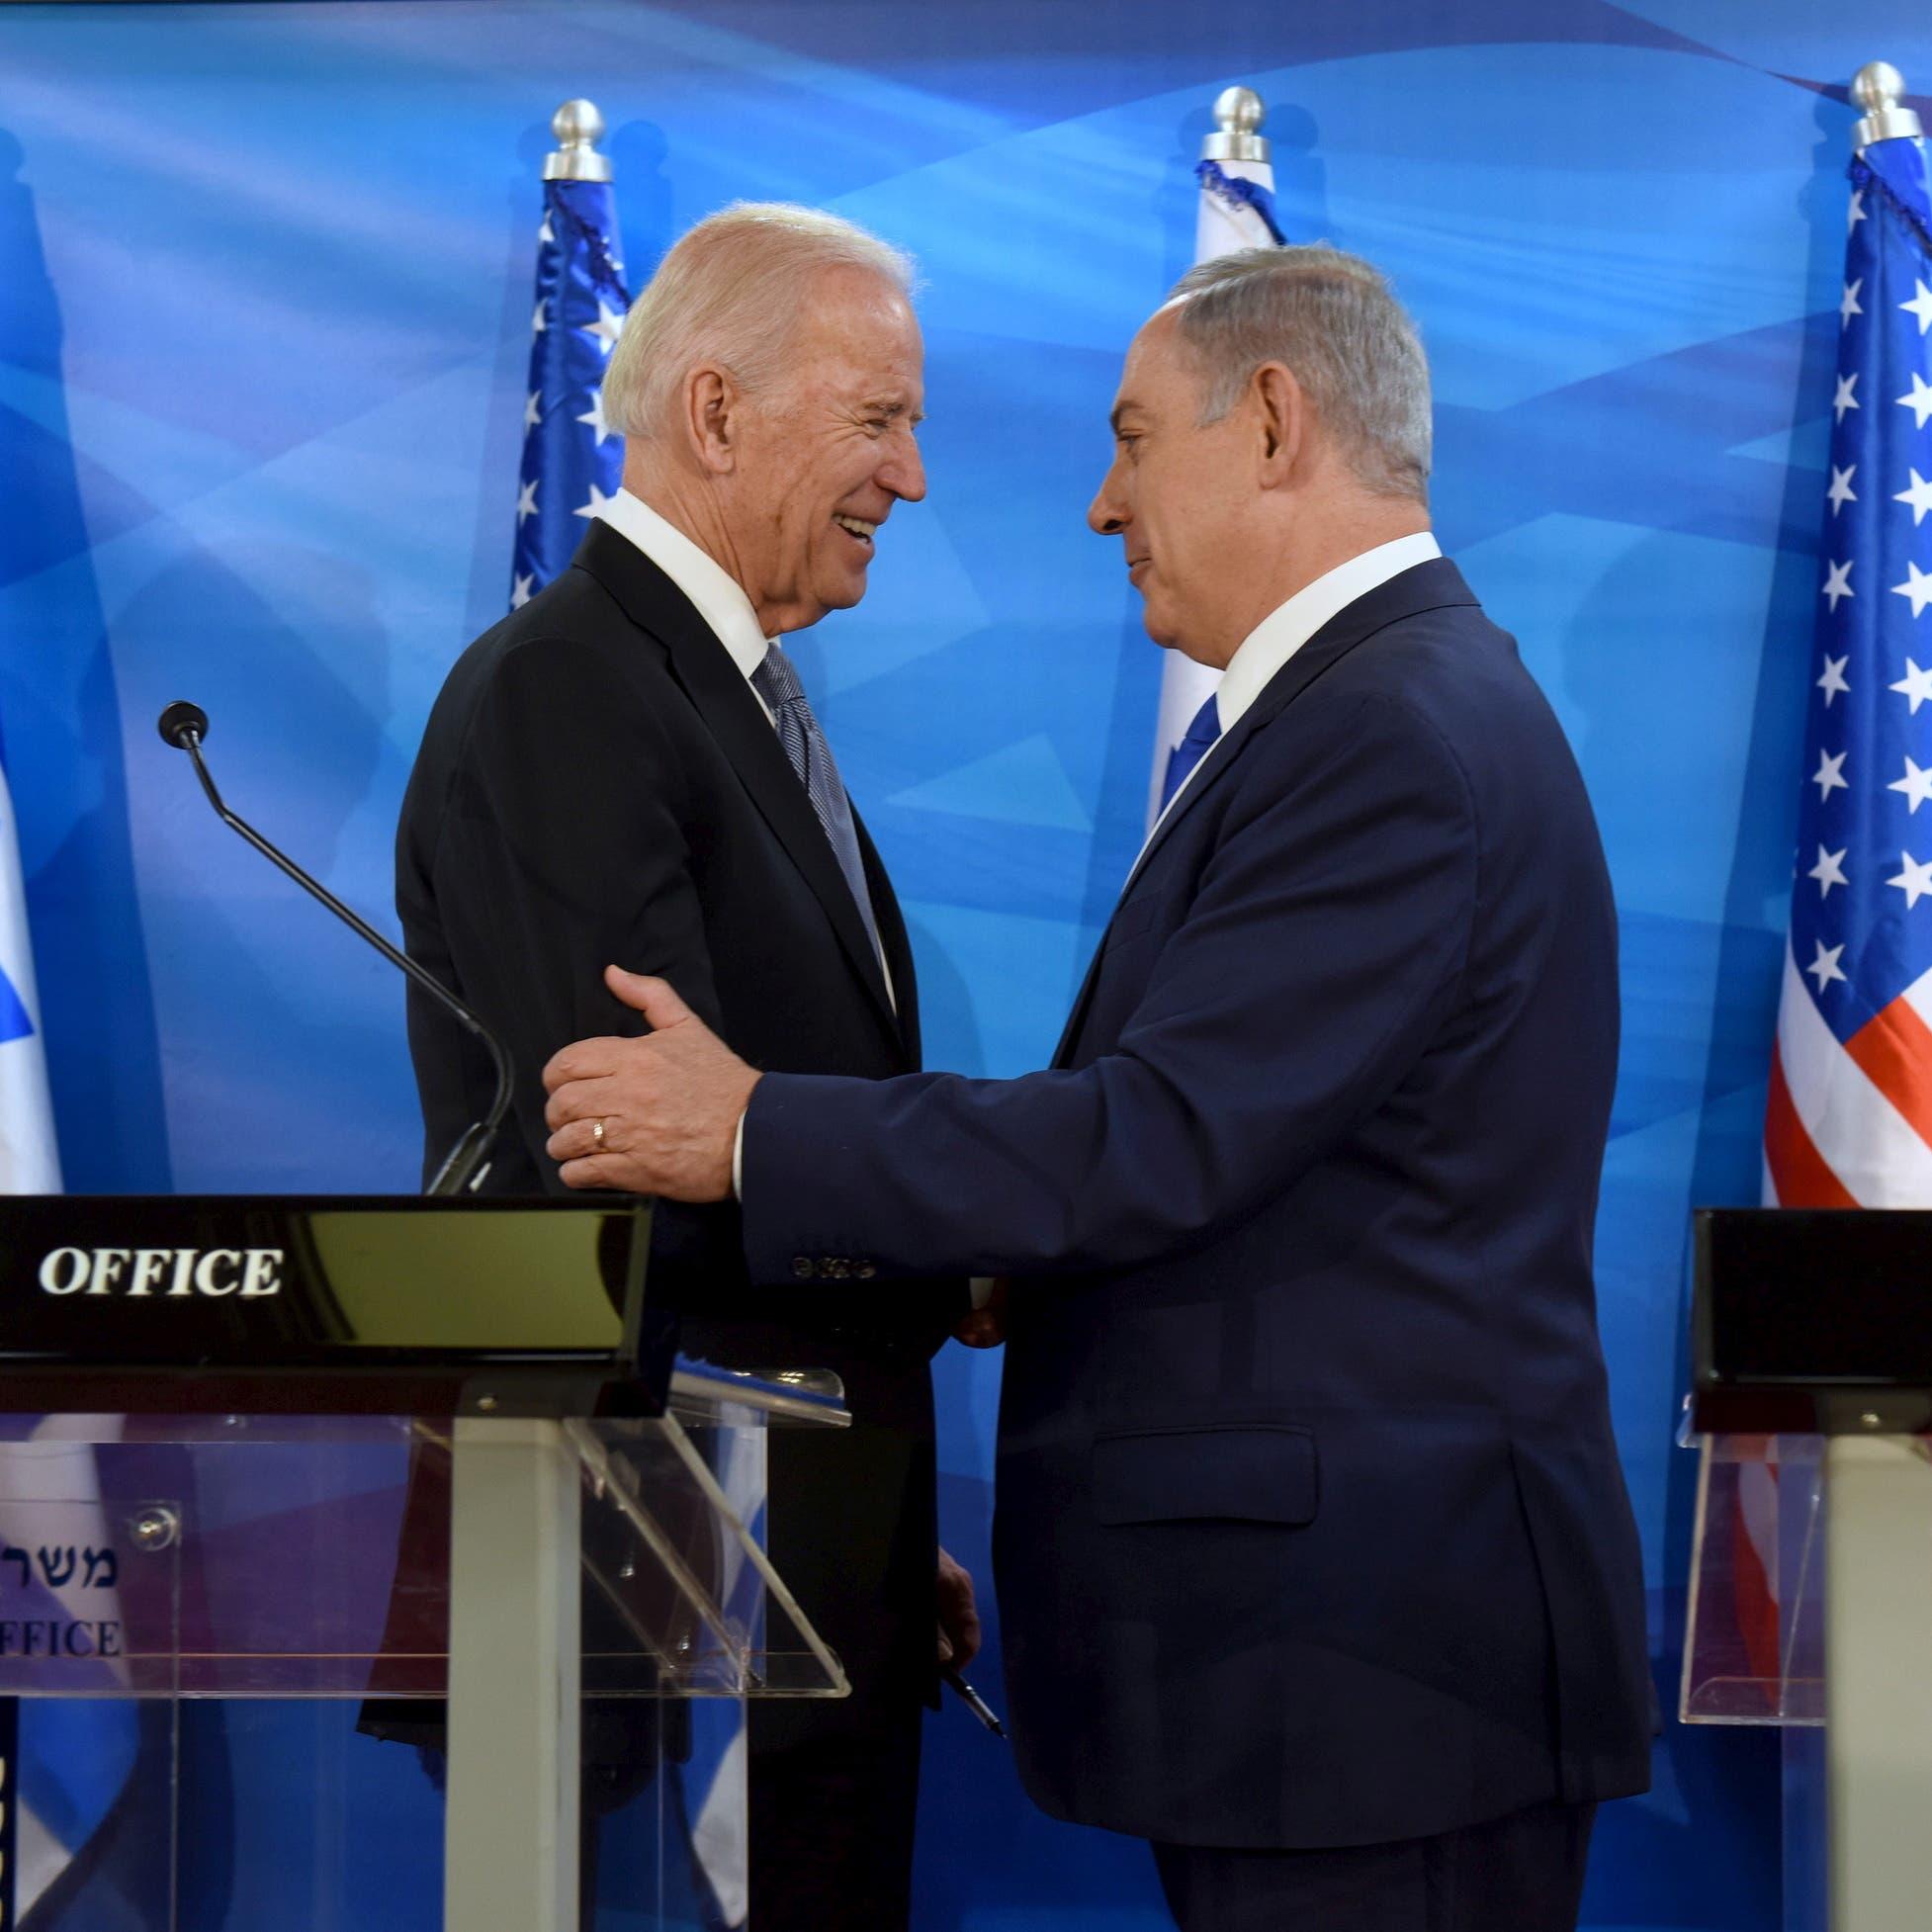 بادين يبحث مع نتنياهو التهديد الإيراني واتفاقيات السلام